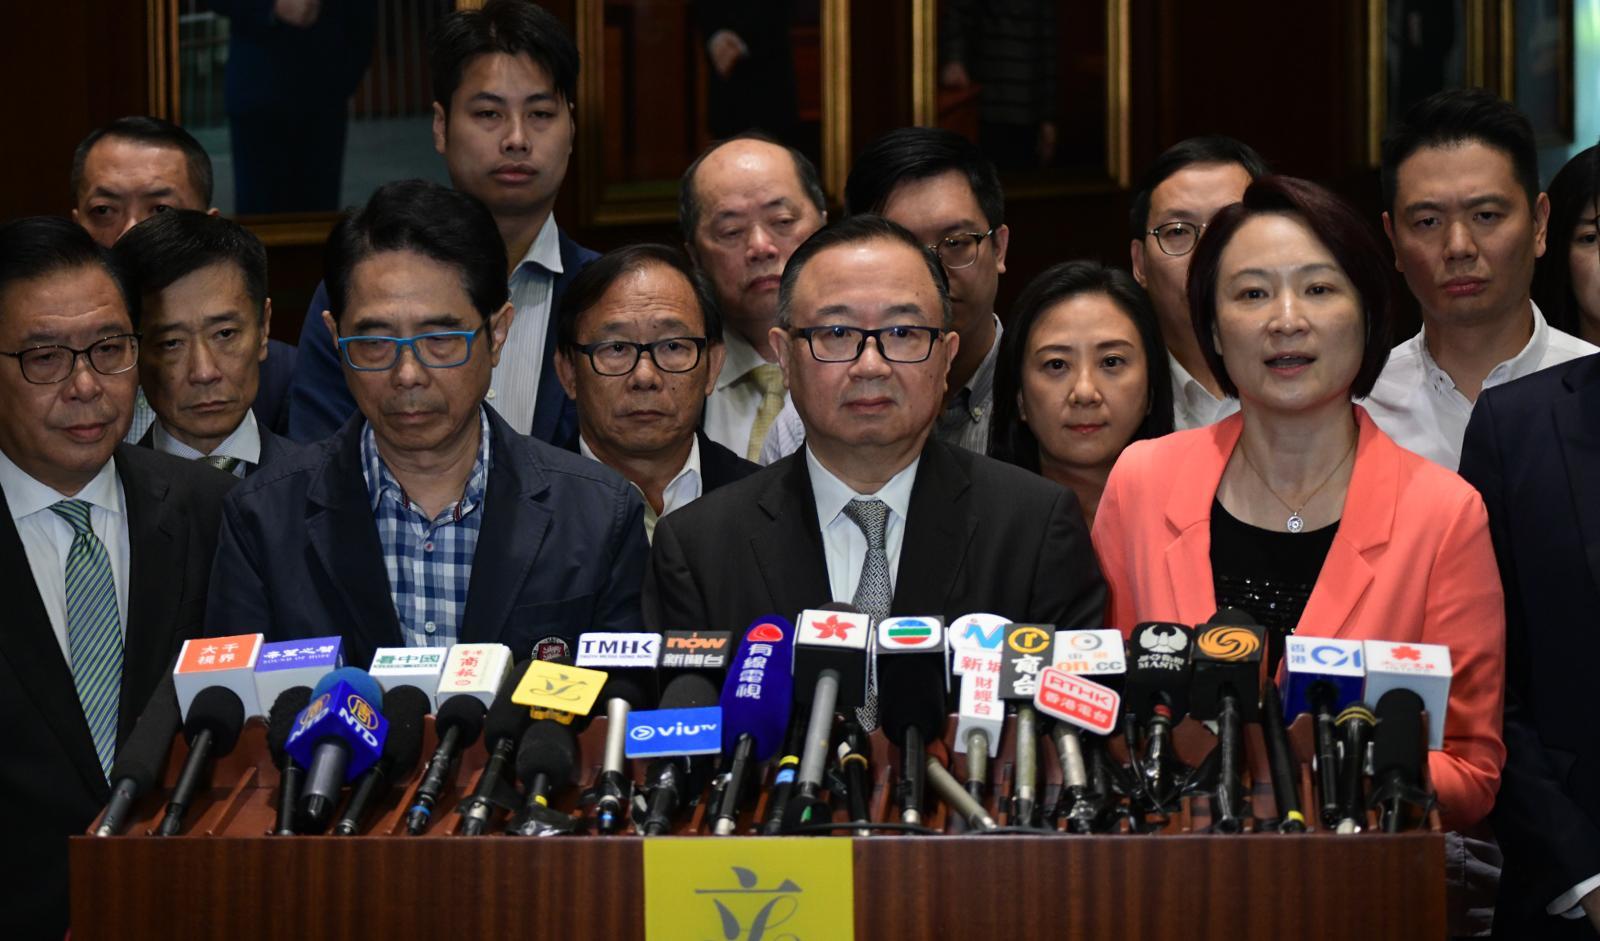 【区会选举】建制派谴责袭击何君尧 廖长江:政府有责任保障候选人安全